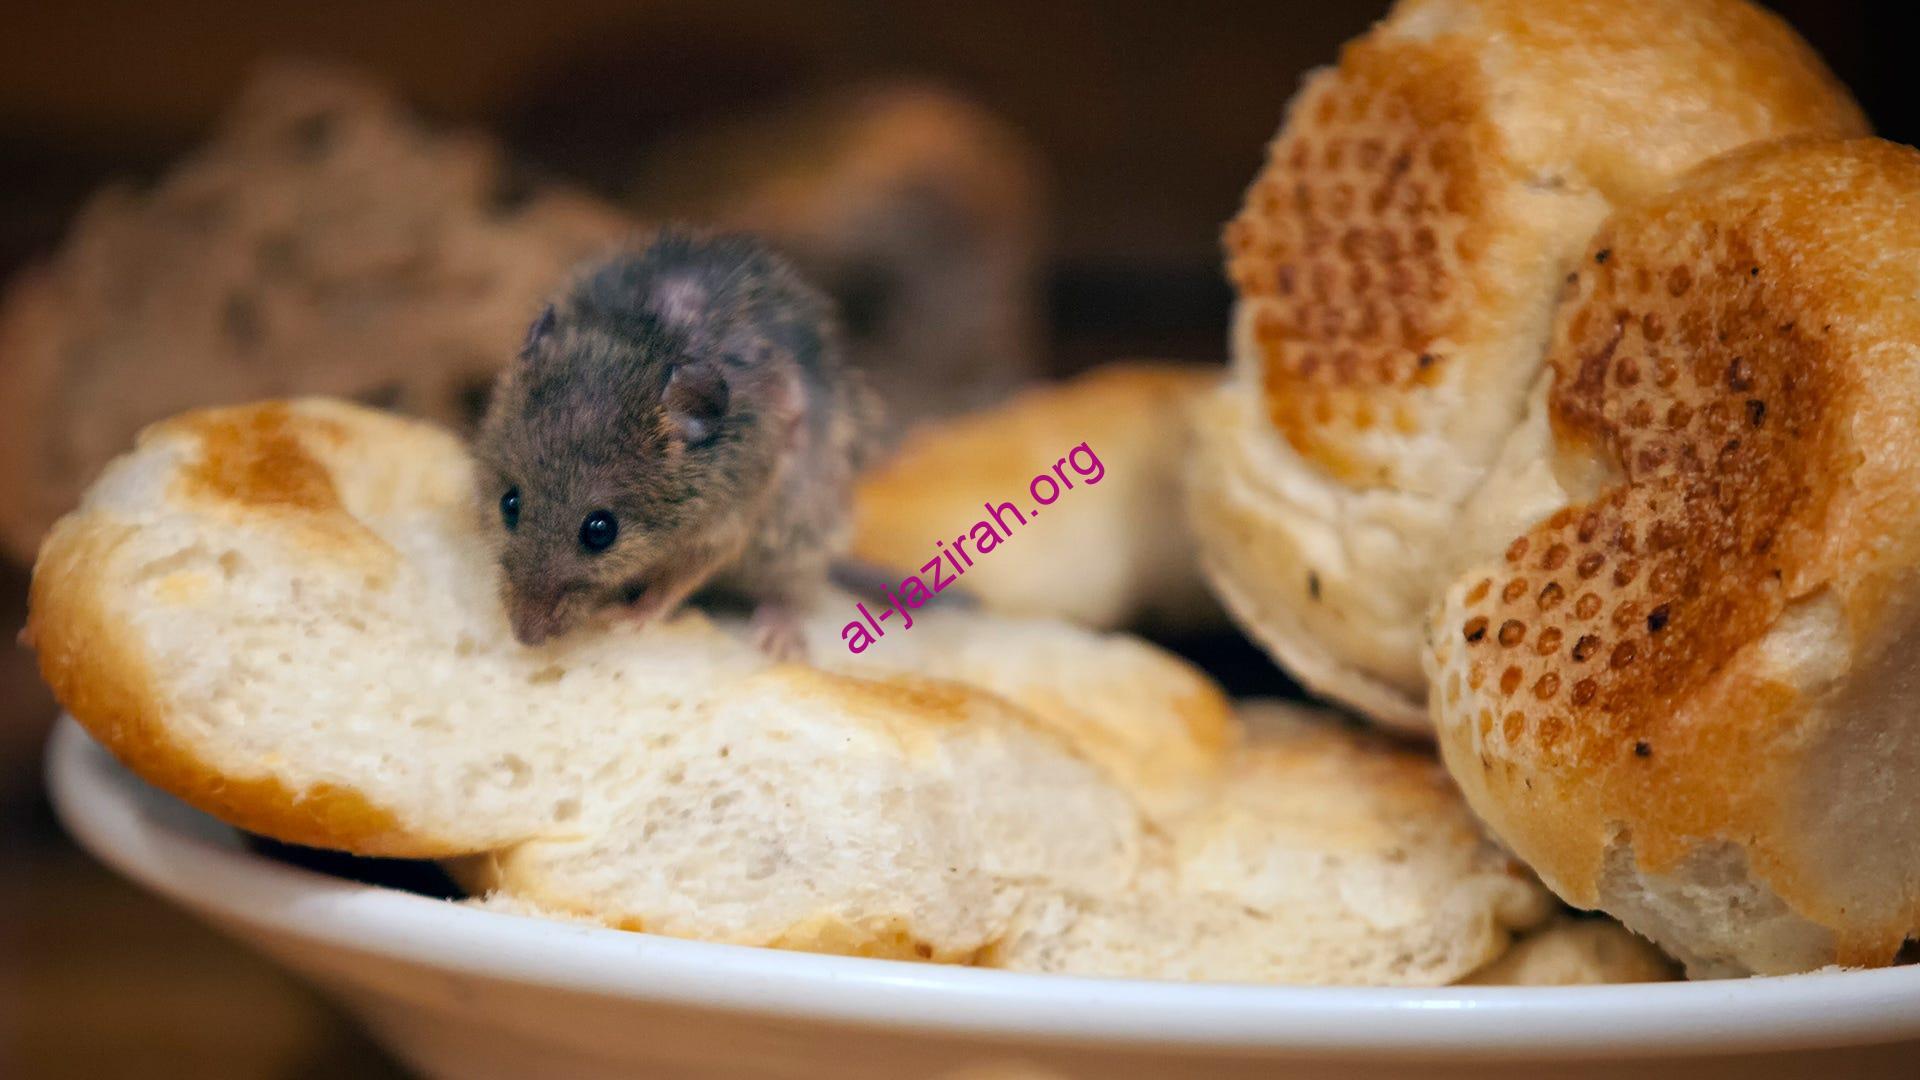 طعام يجذب الفئران